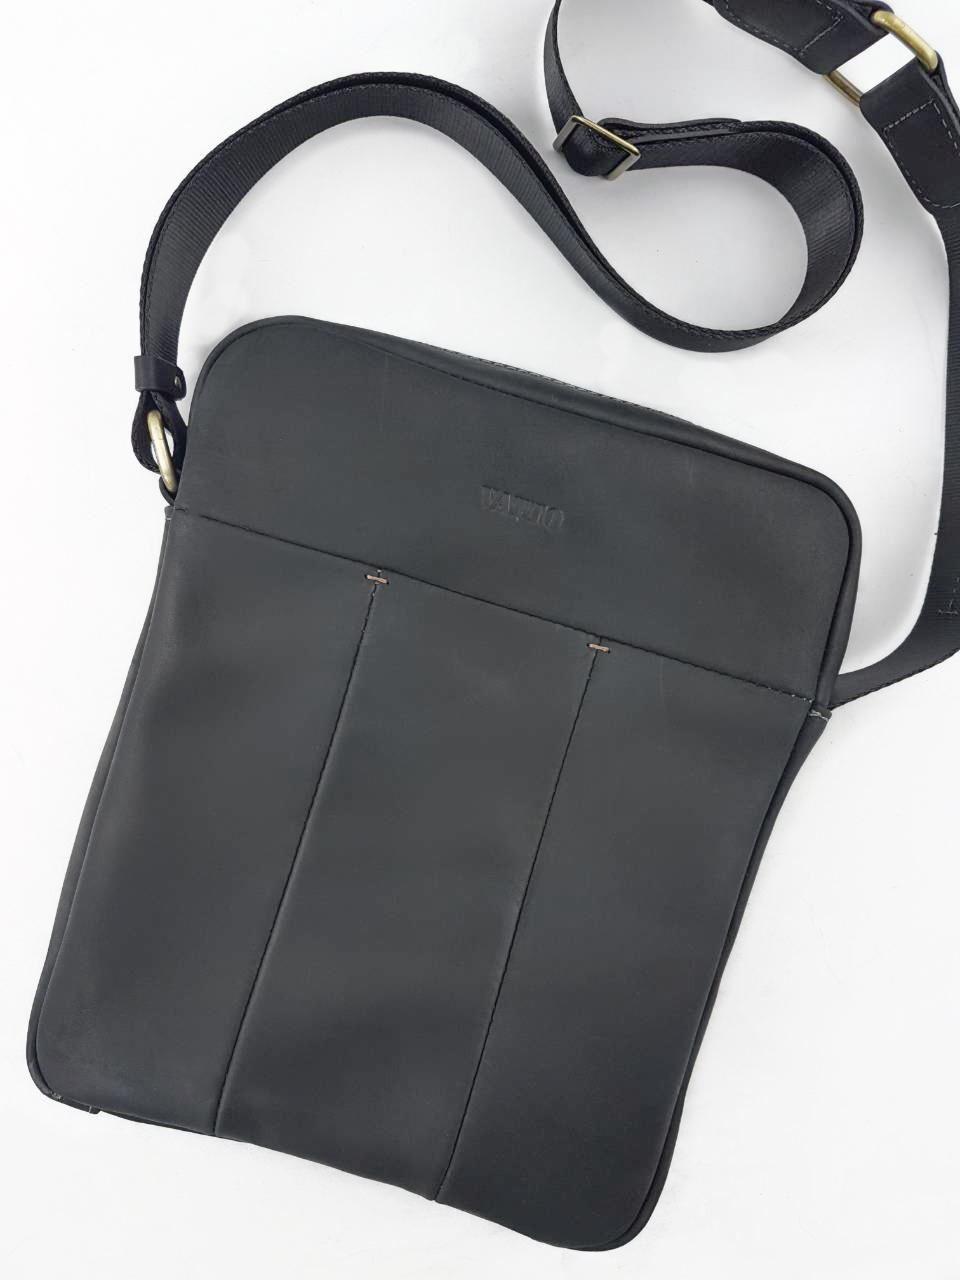 069237c9b219 Мужская сумка VATTO Mk95 Kr670 ✓Mk95 Kr670 по цене 2 057 грн ...